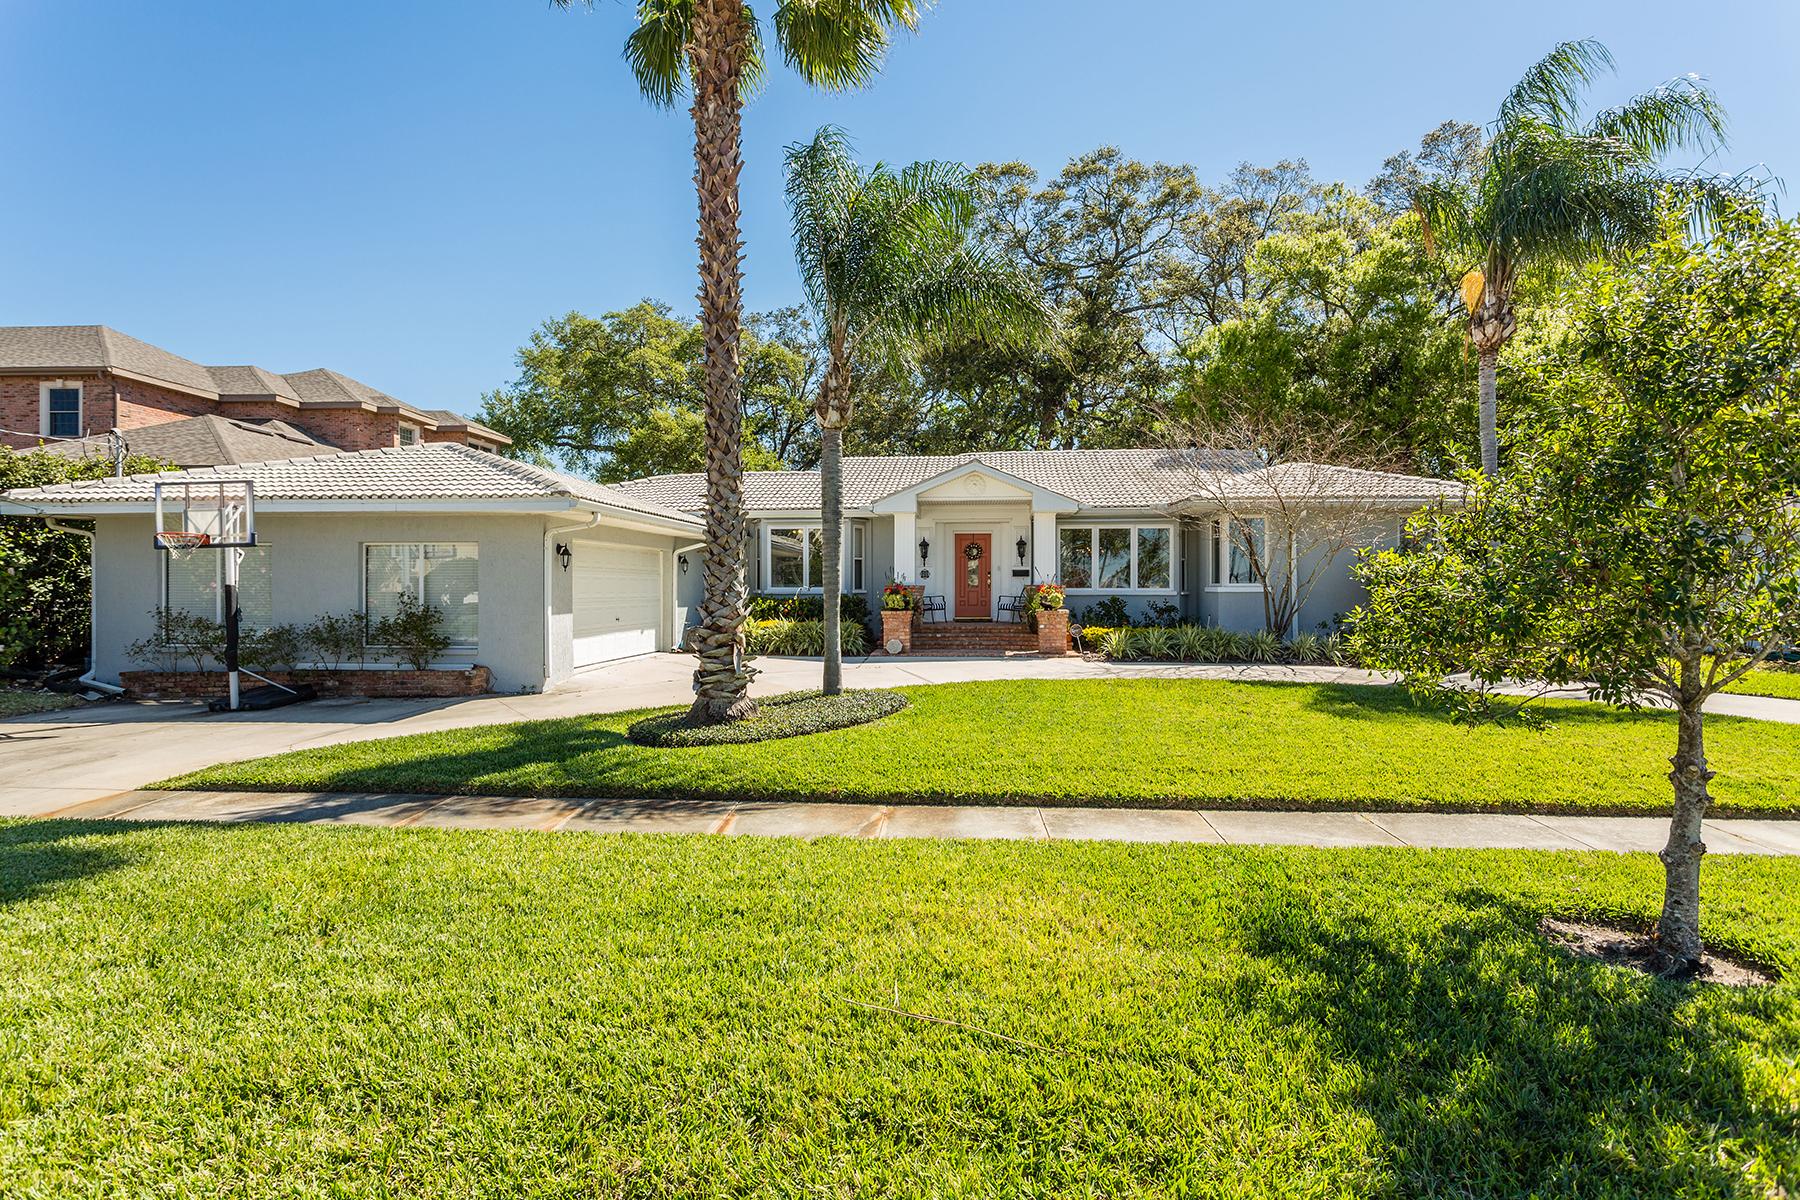 一戸建て のために 売買 アット DAVIS ISLANDS 73 Ladoga Ave Tampa, フロリダ, 33606 アメリカ合衆国